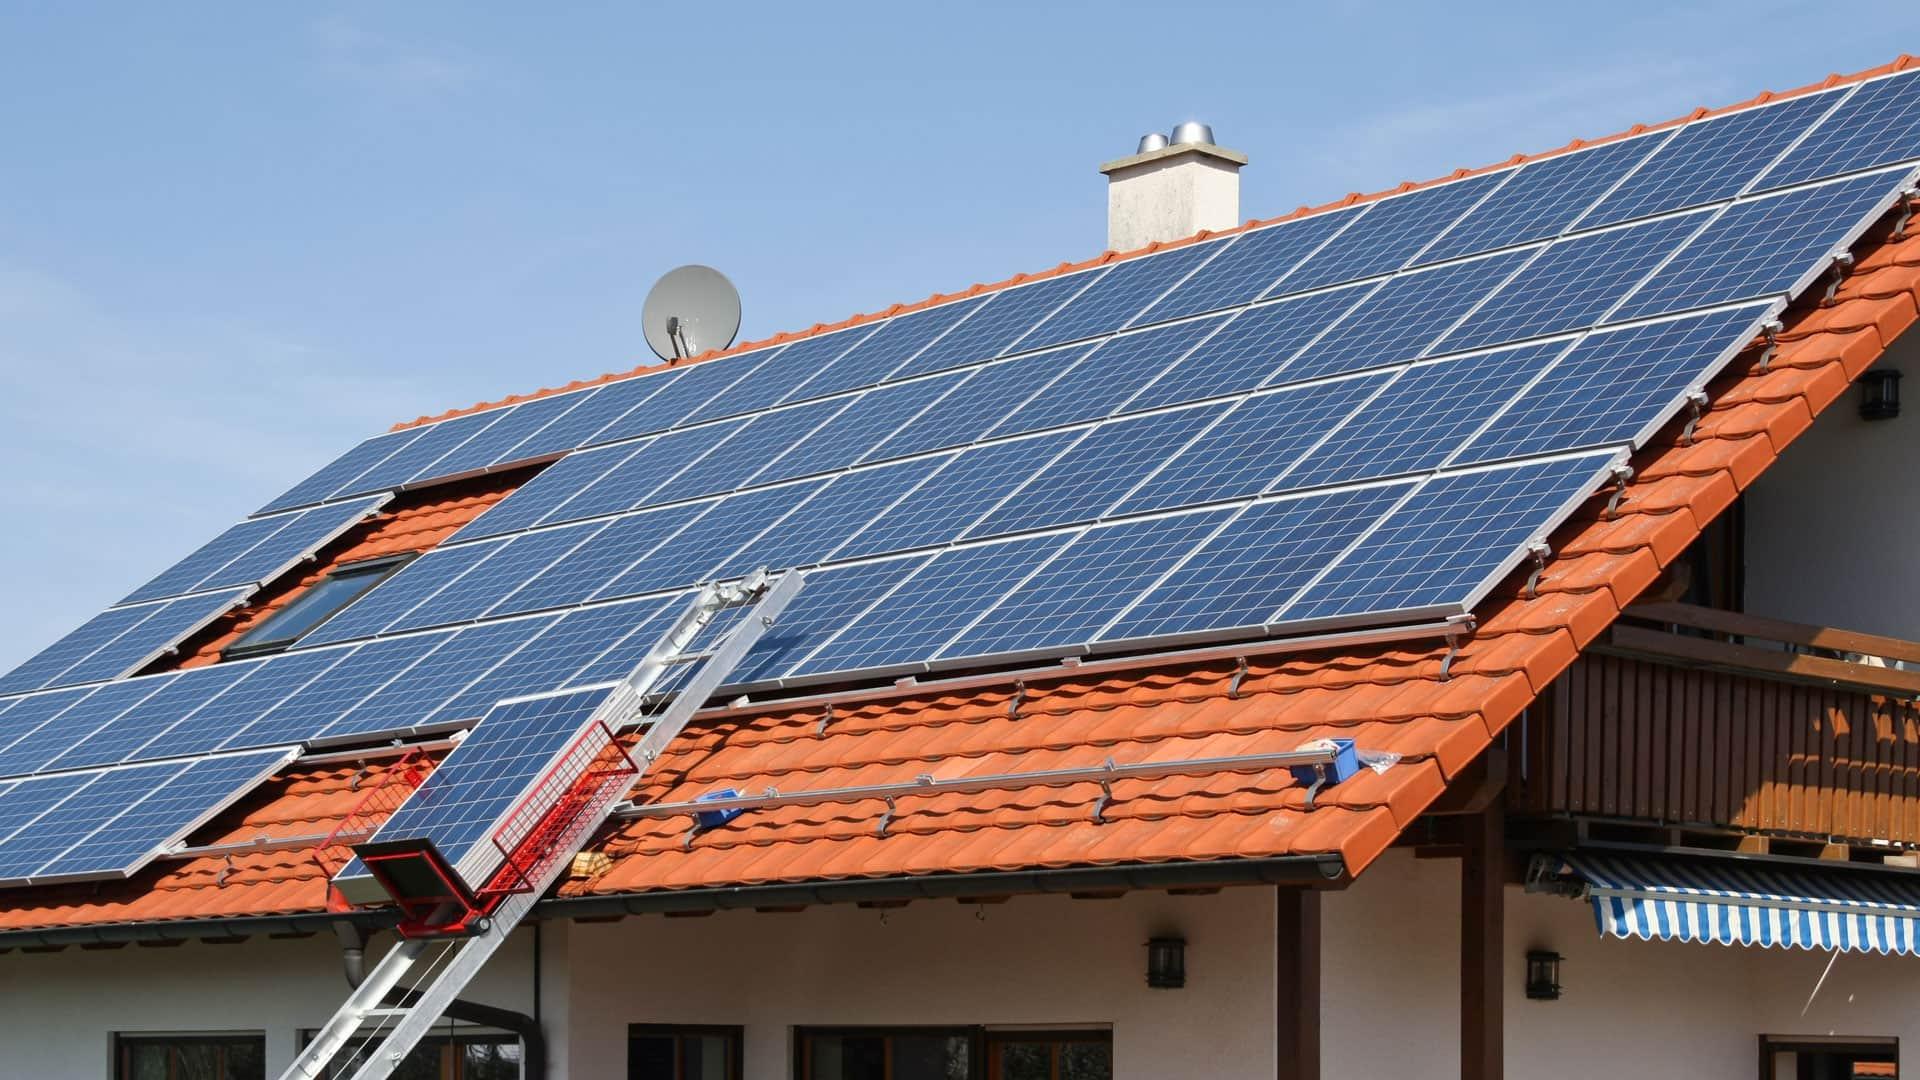 Sicherheit geht vor - auch bei Photovoltaik